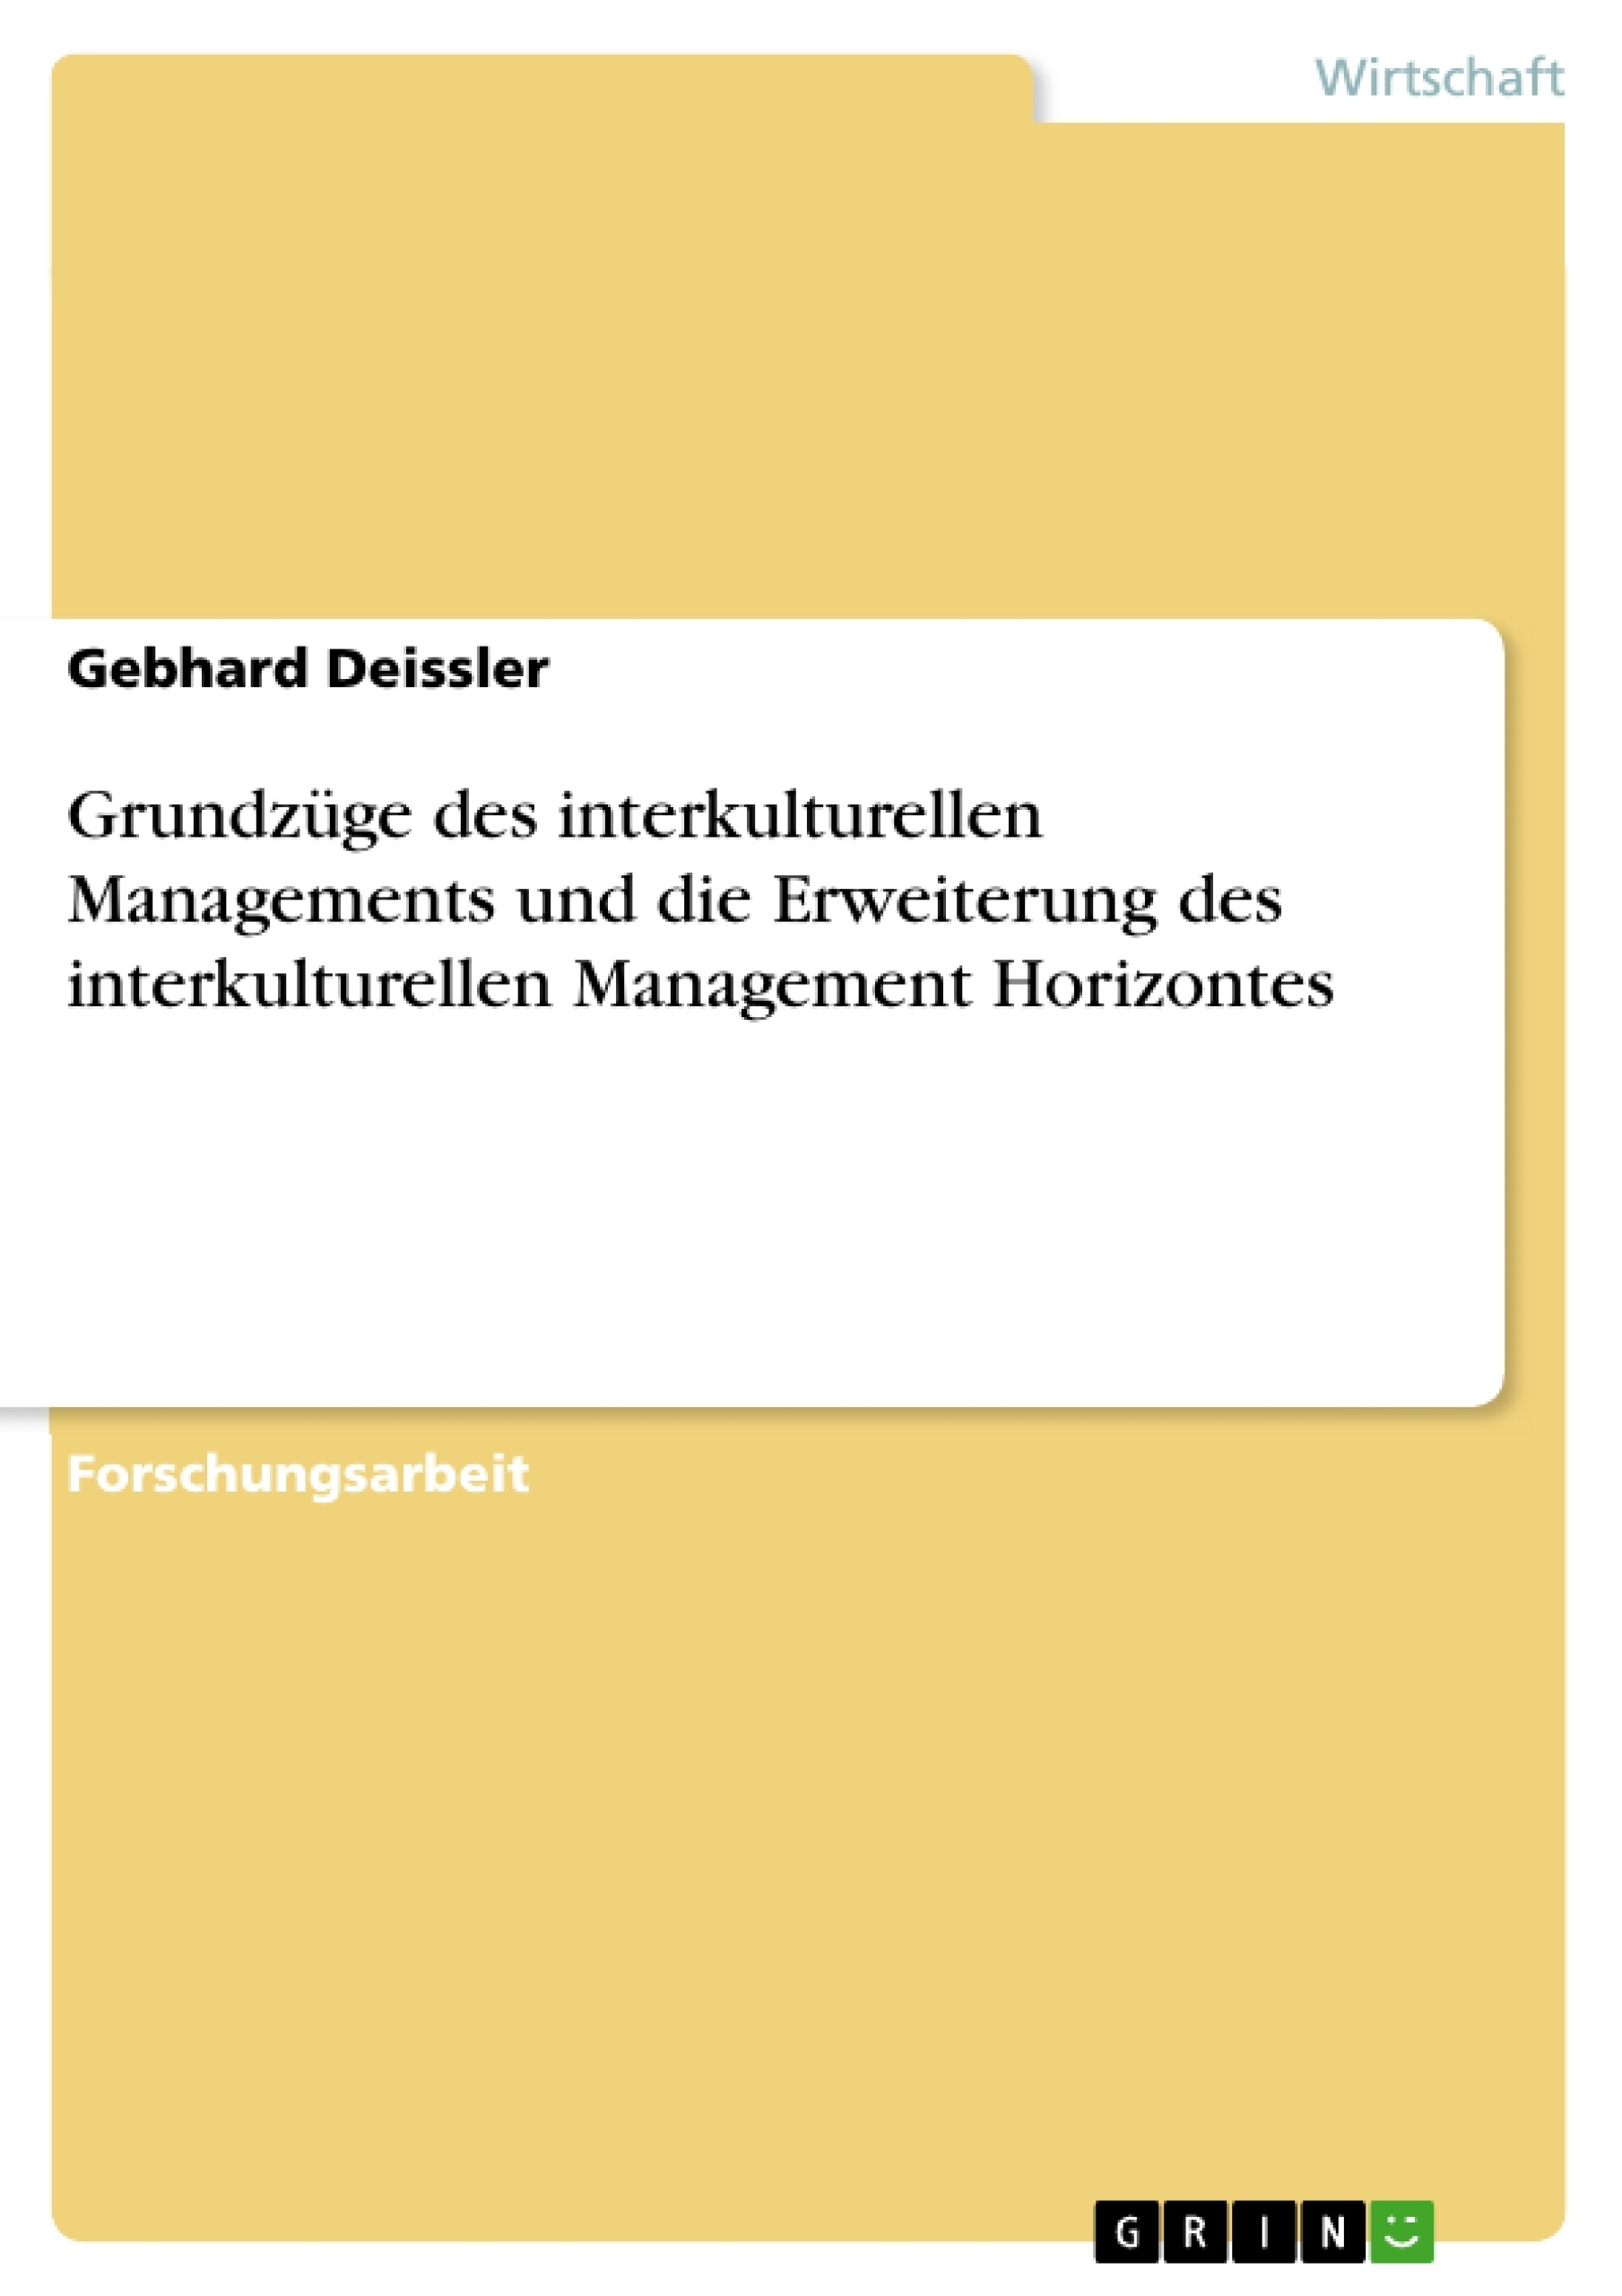 Titel: Grundzüge des interkulturellen Managements und die Erweiterung des interkulturellen Management Horizontes